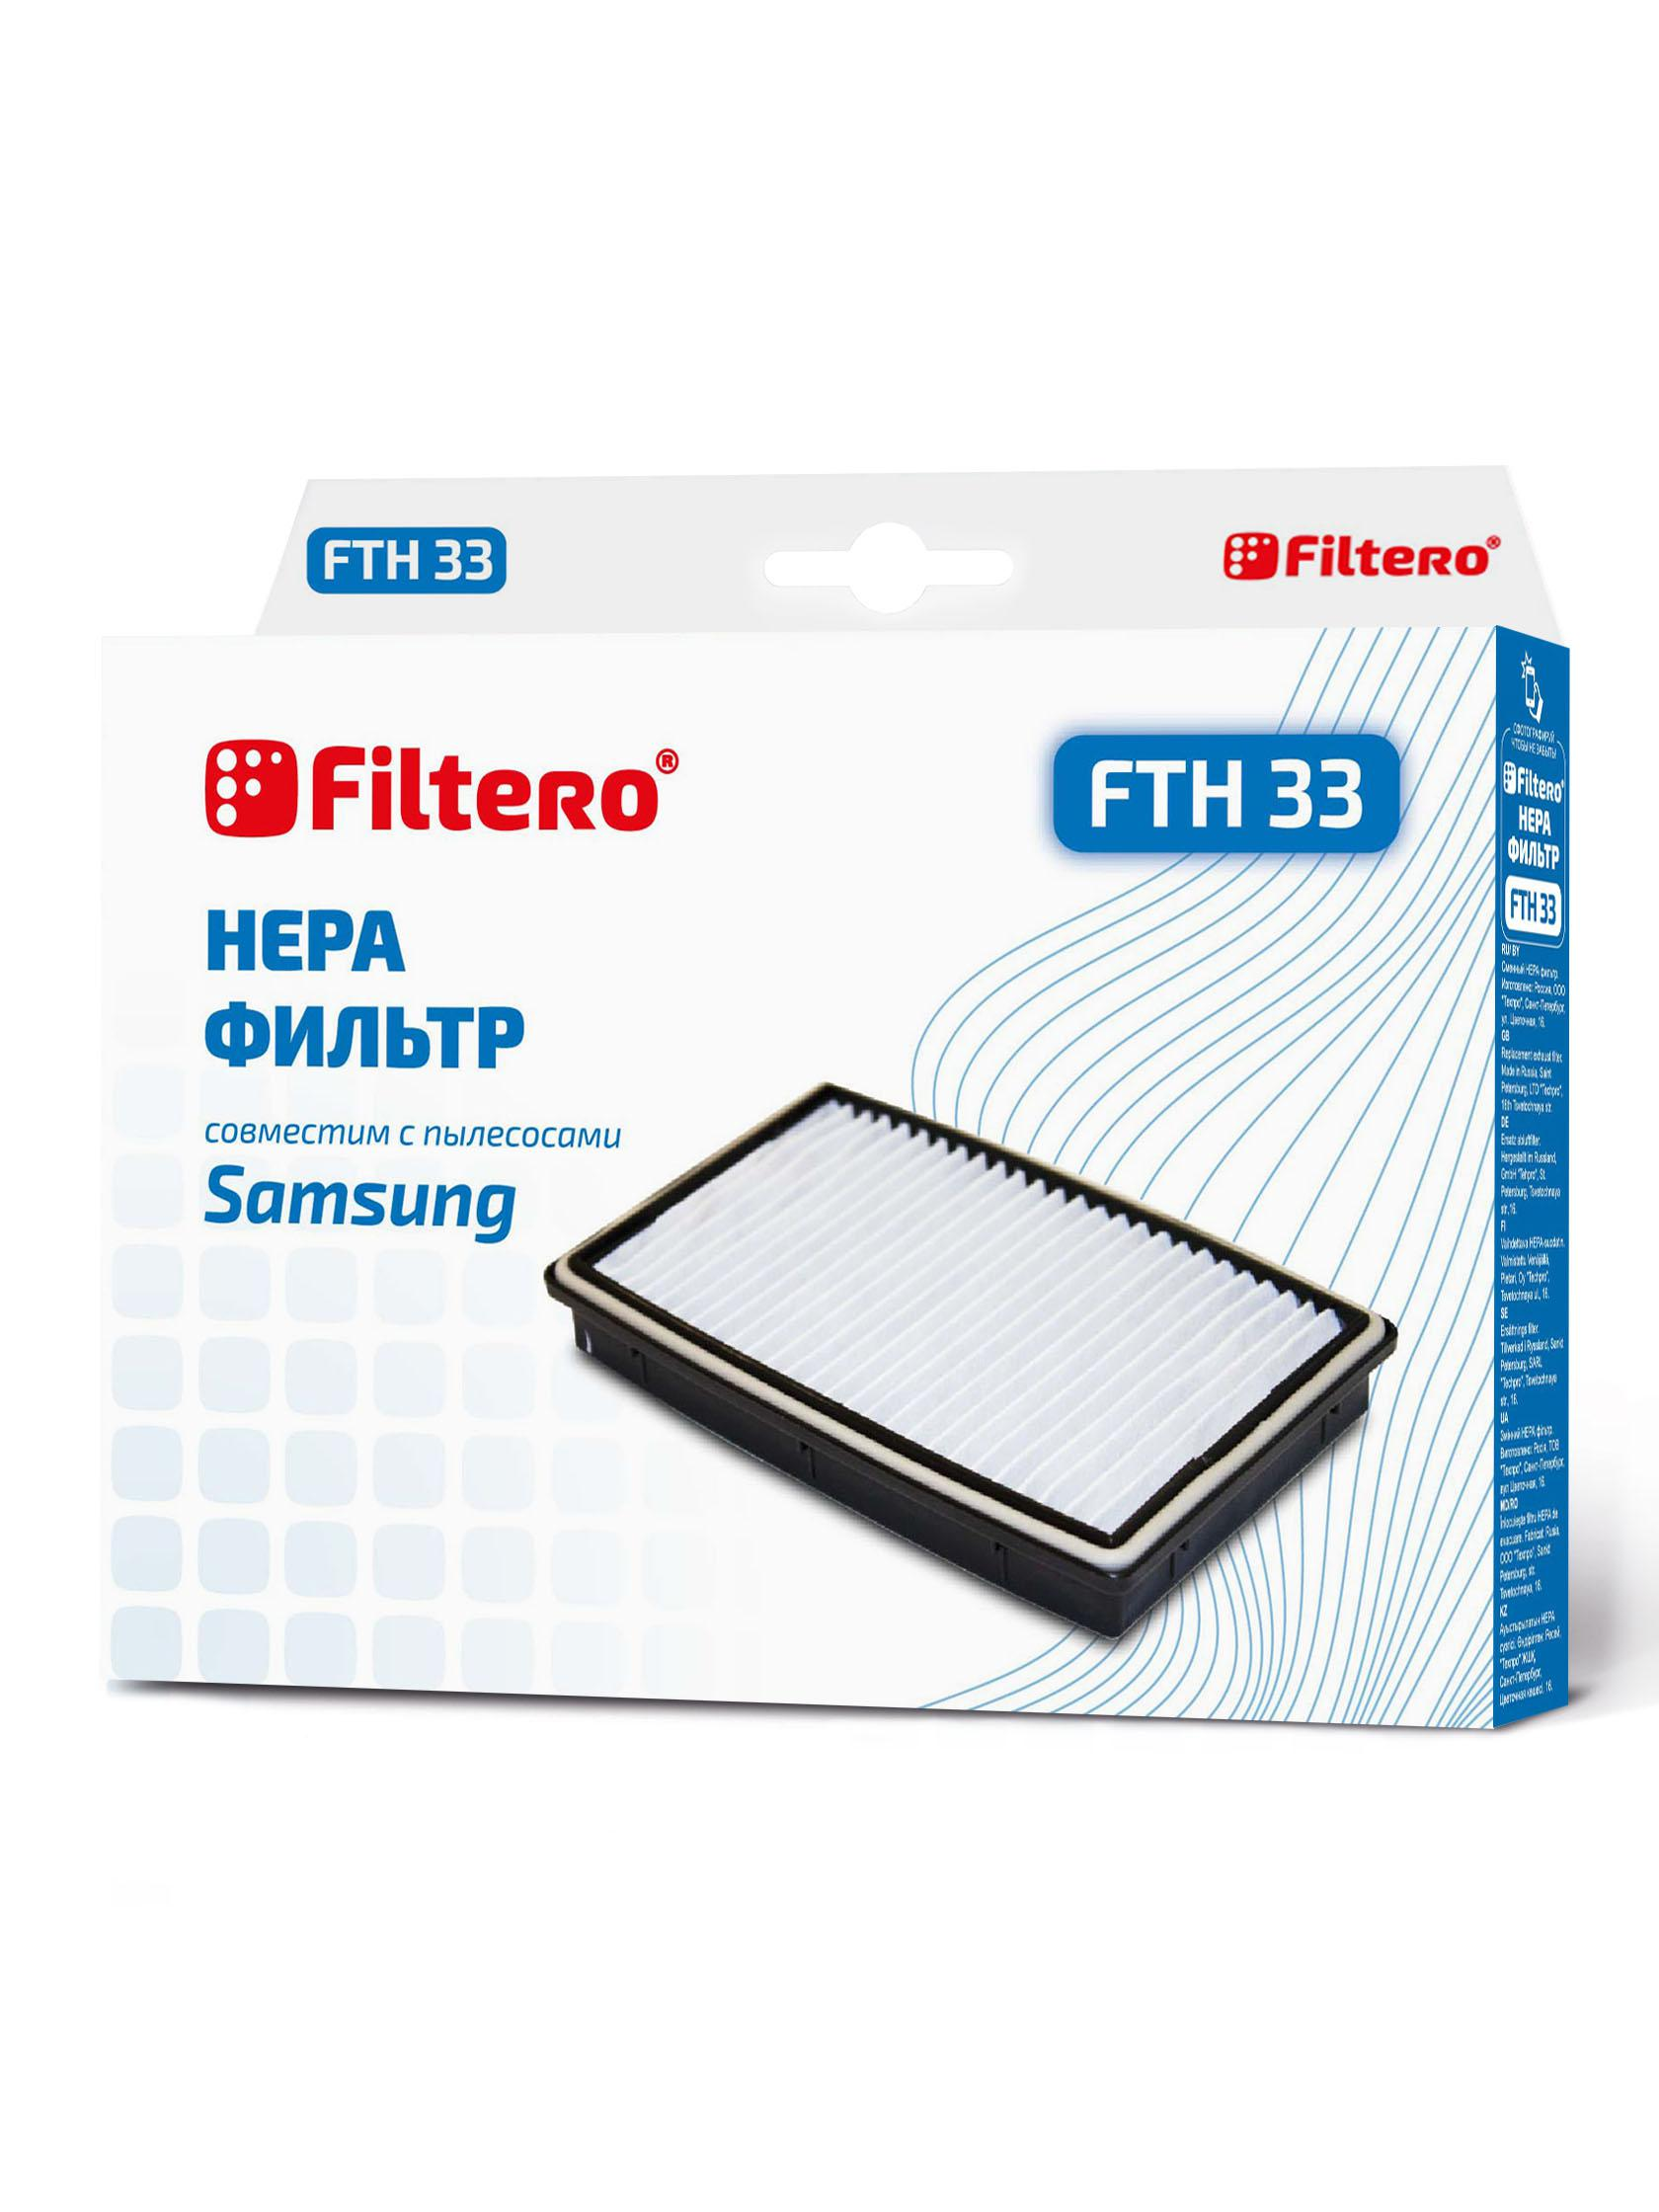 Фильтр Filtero Fth 33 hepa фильтр filtero fth 05 hepa фильтр